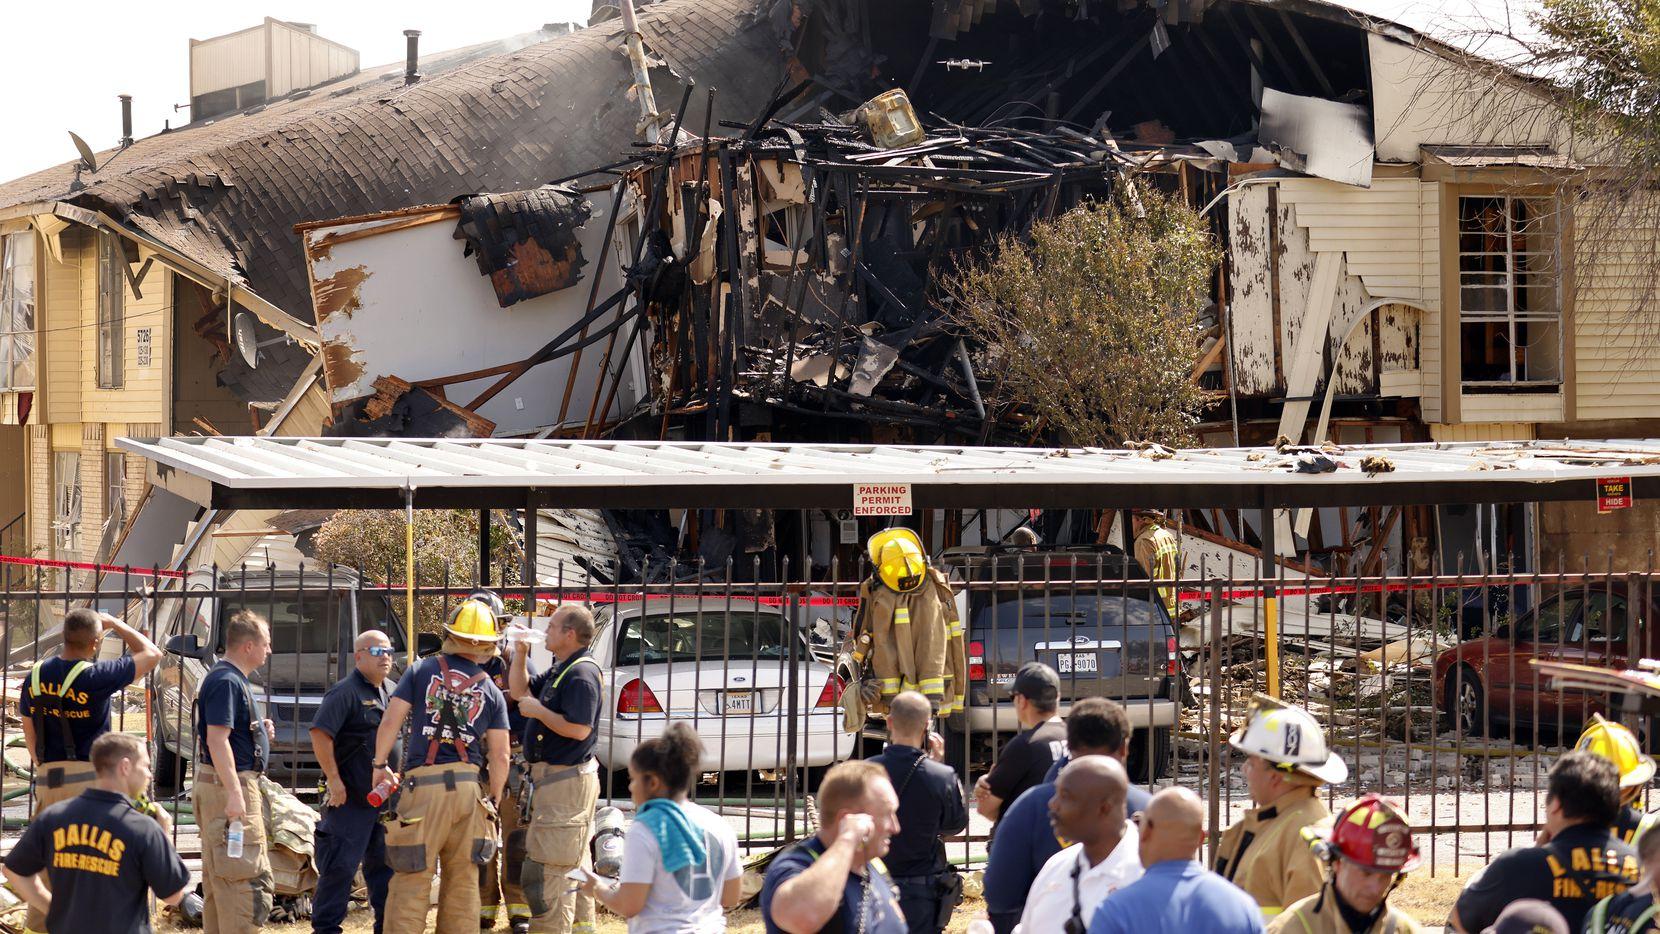 Los bomberos llegaron poco antes de una explosión de gas en un complejo de apartamentos en el sureste de Dallas. Se reportaron siete personas heridas.